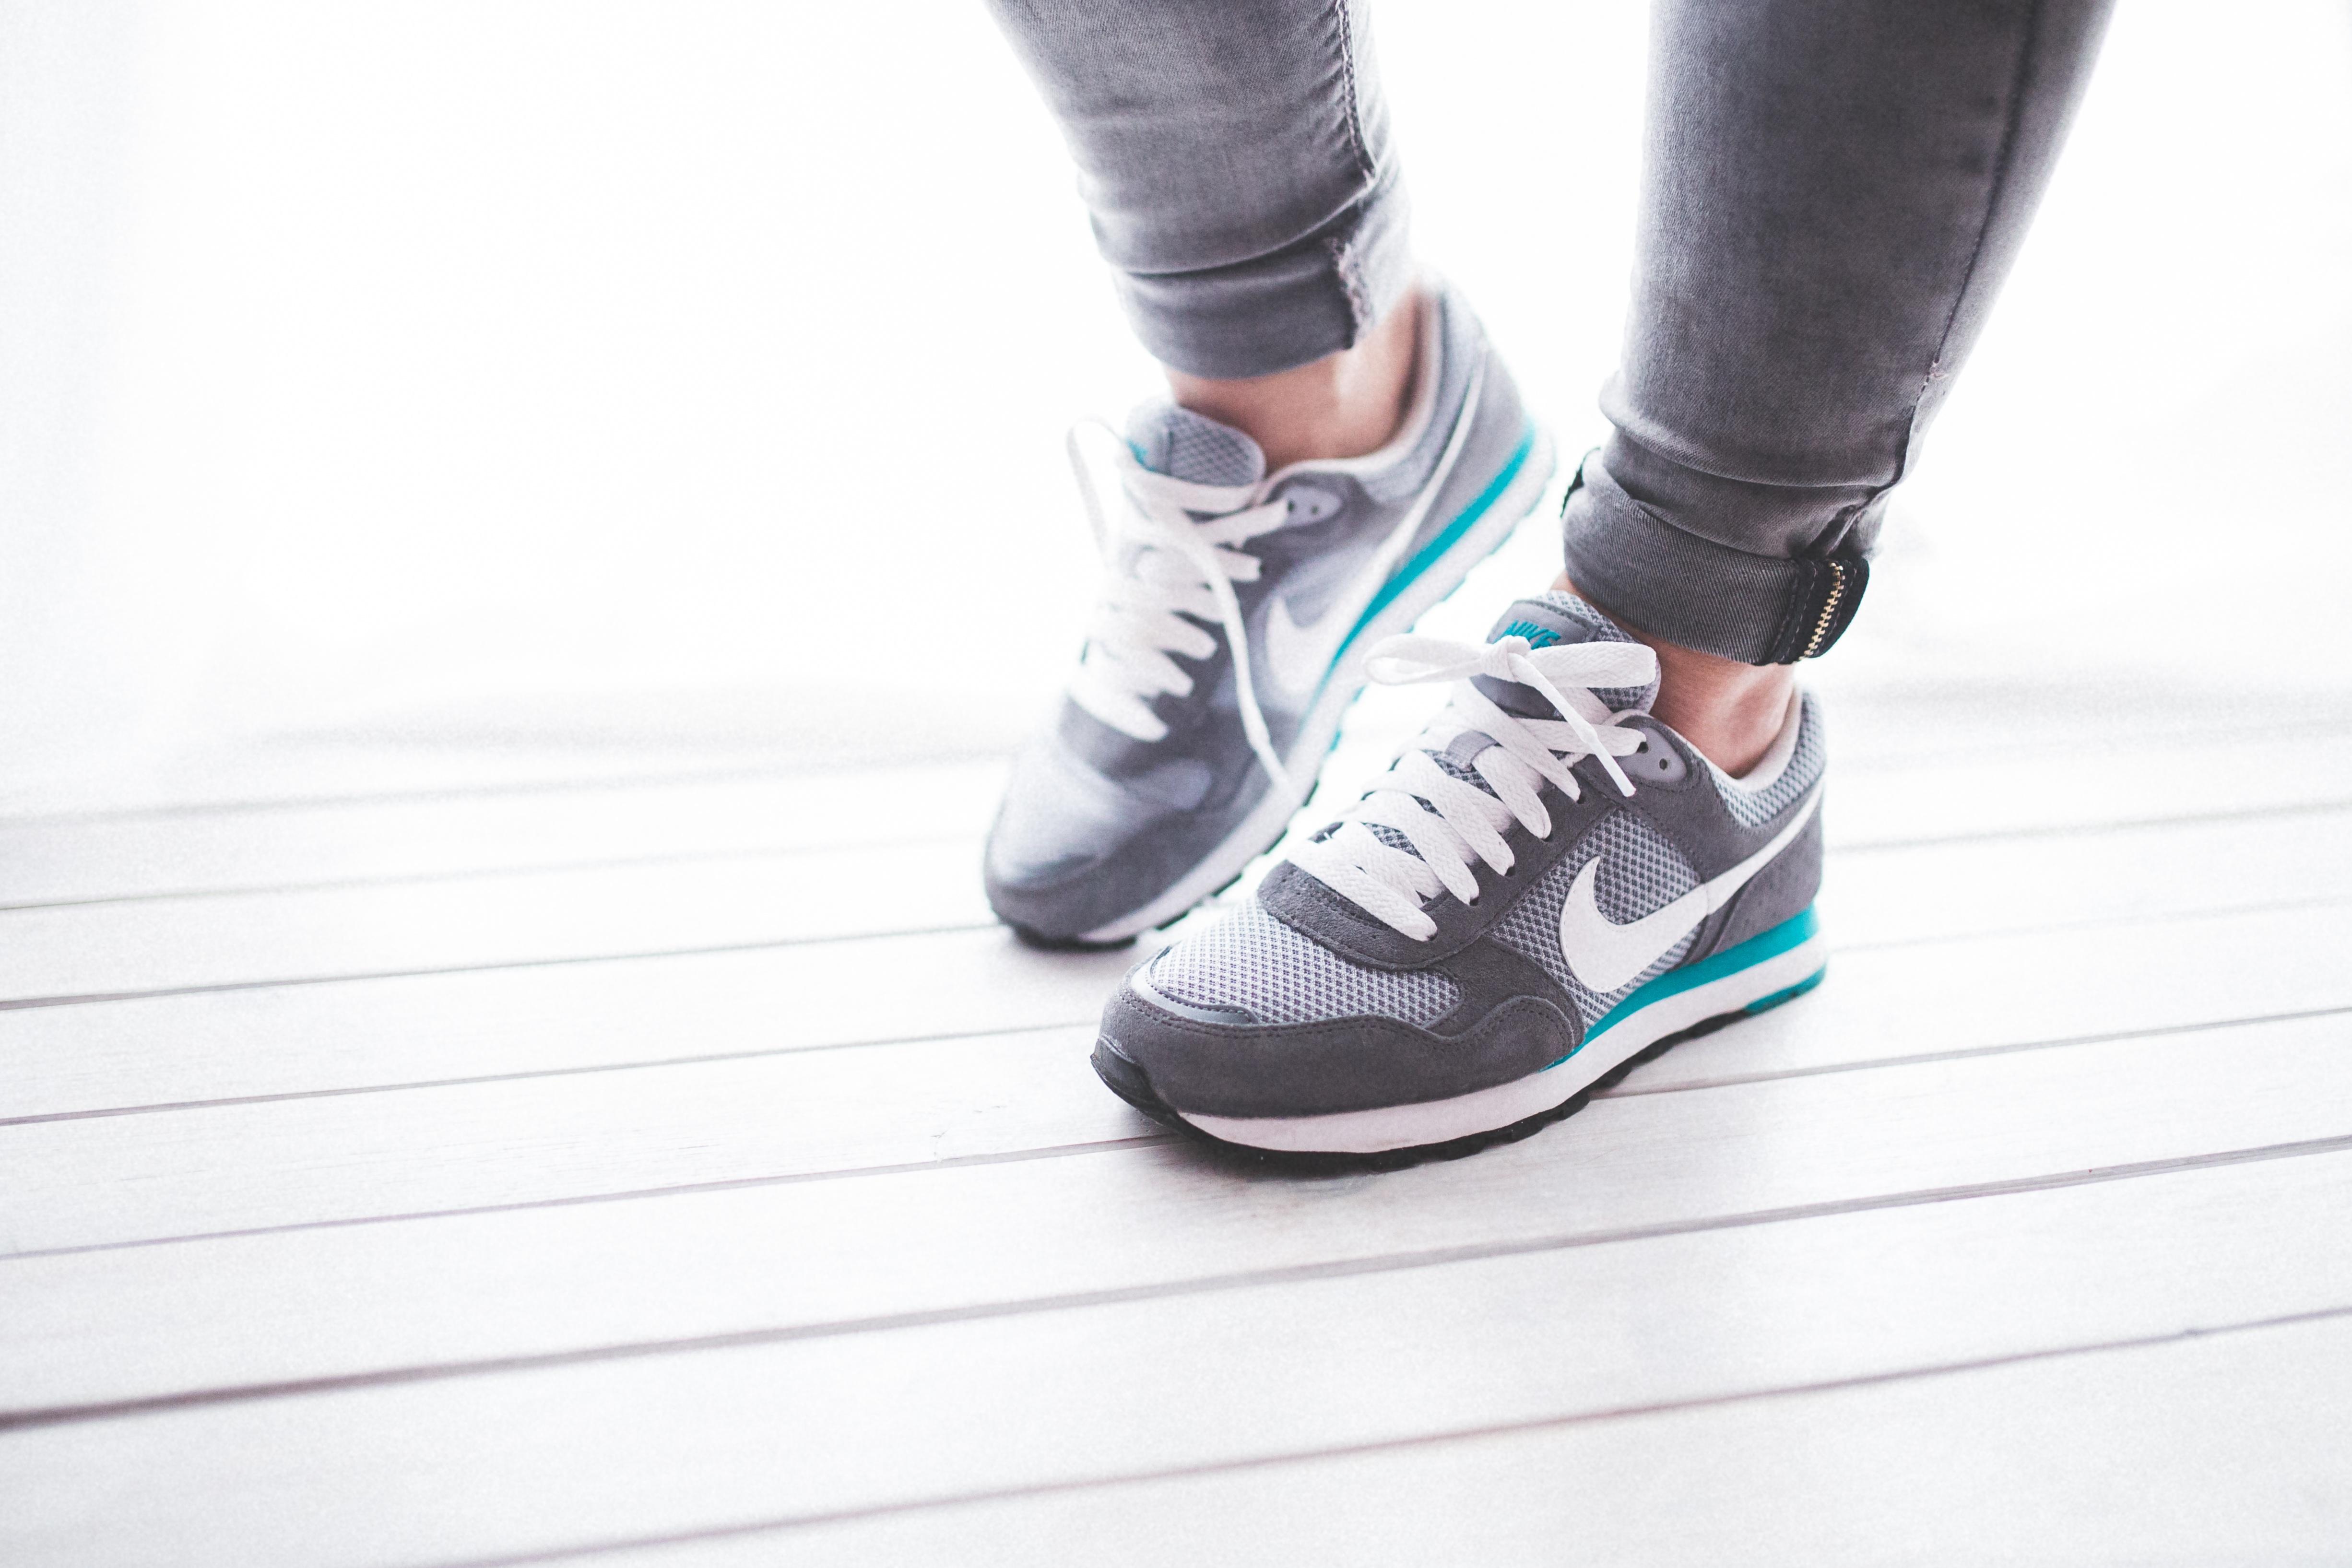 127392 скачать обои Спорт, Найк (Nike), Ноги, Кроссовки, Обувь - заставки и картинки бесплатно